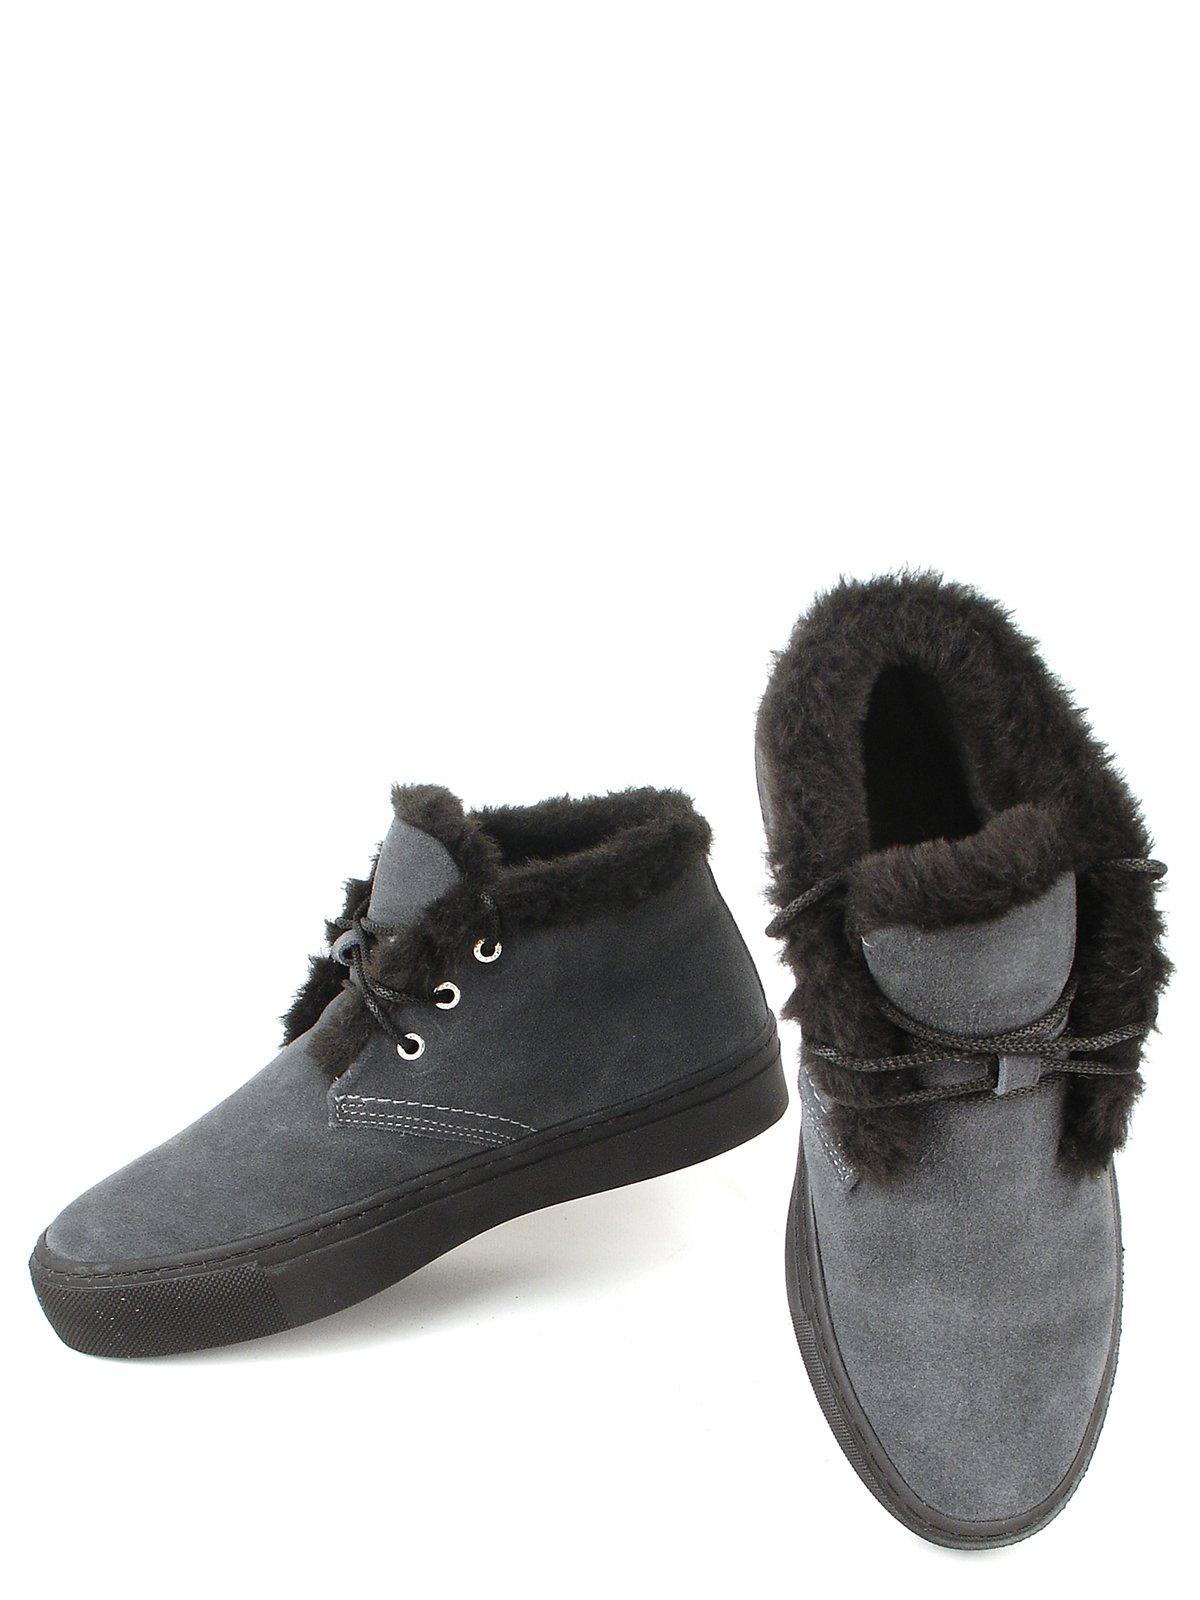 Ботинки серые | 2817131 | фото 2